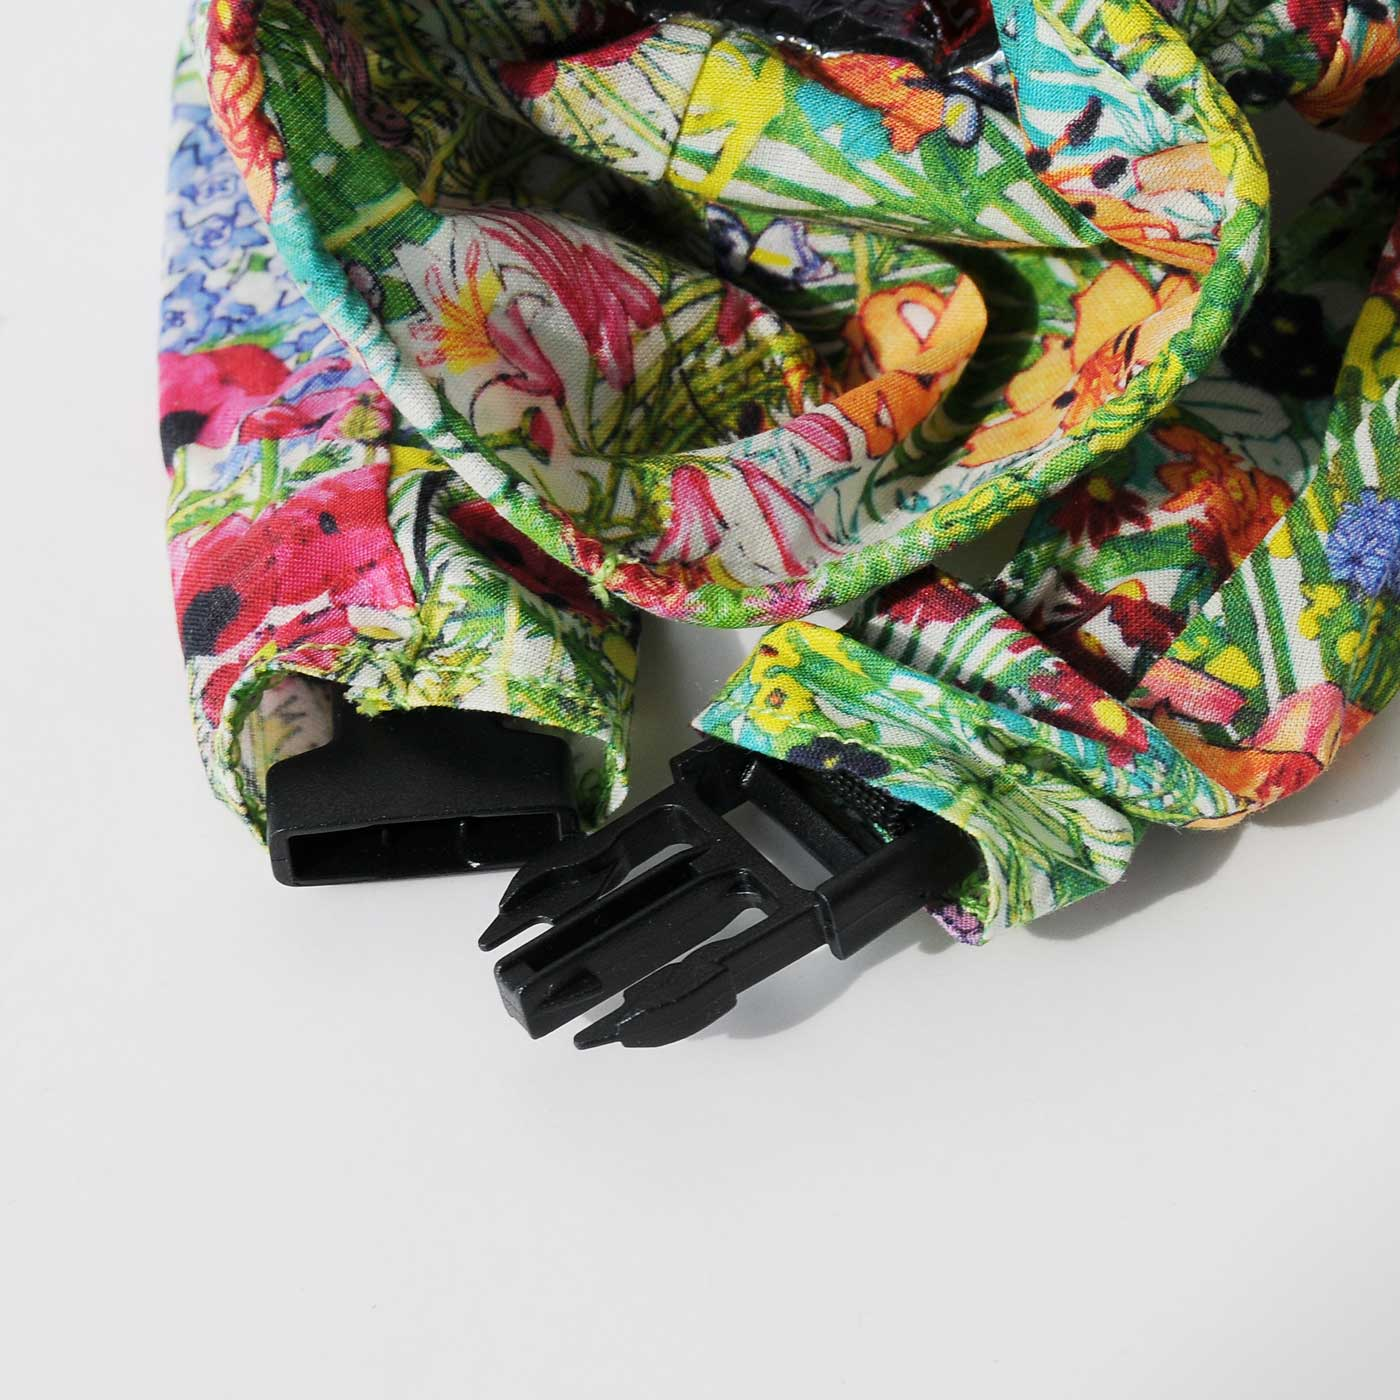 袖口の留め具で、手をつなぐことができます。つないでカバンの持ち手にぶら下げてもOK。